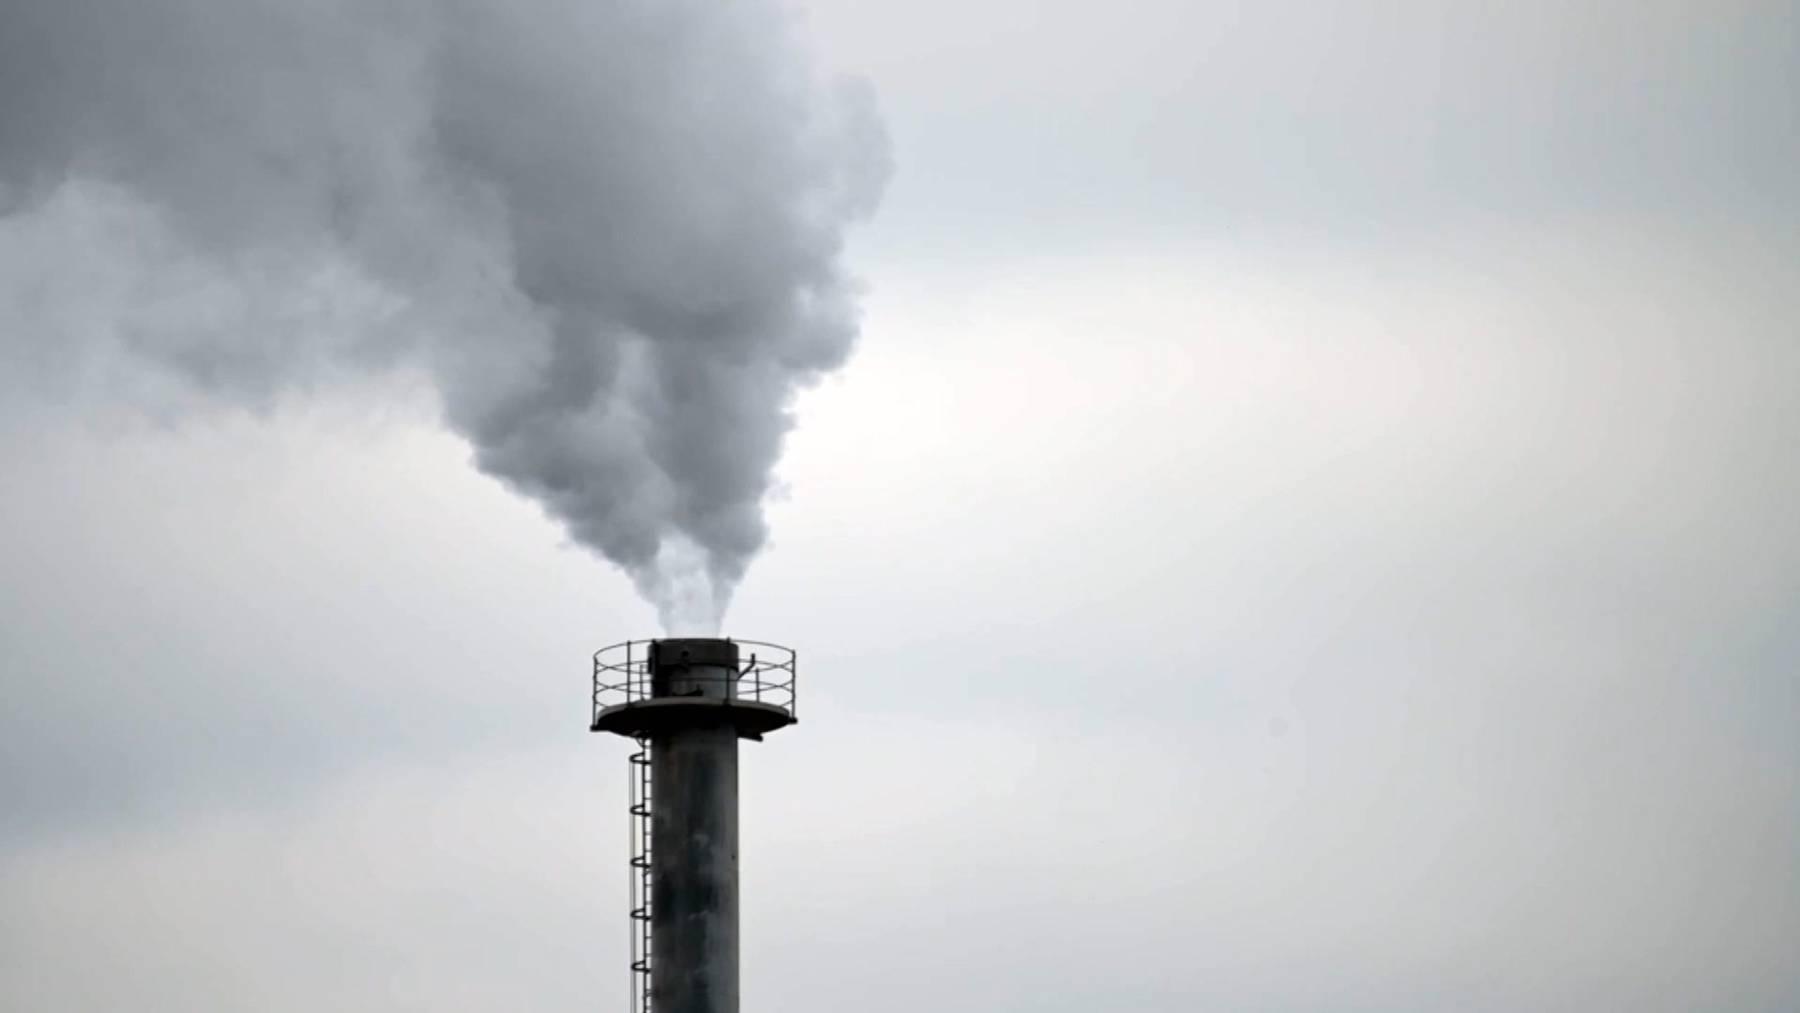 Thumb for ‹CO2-Gesetz: Das Parlament debattiert wieder über den Klimaschutz›